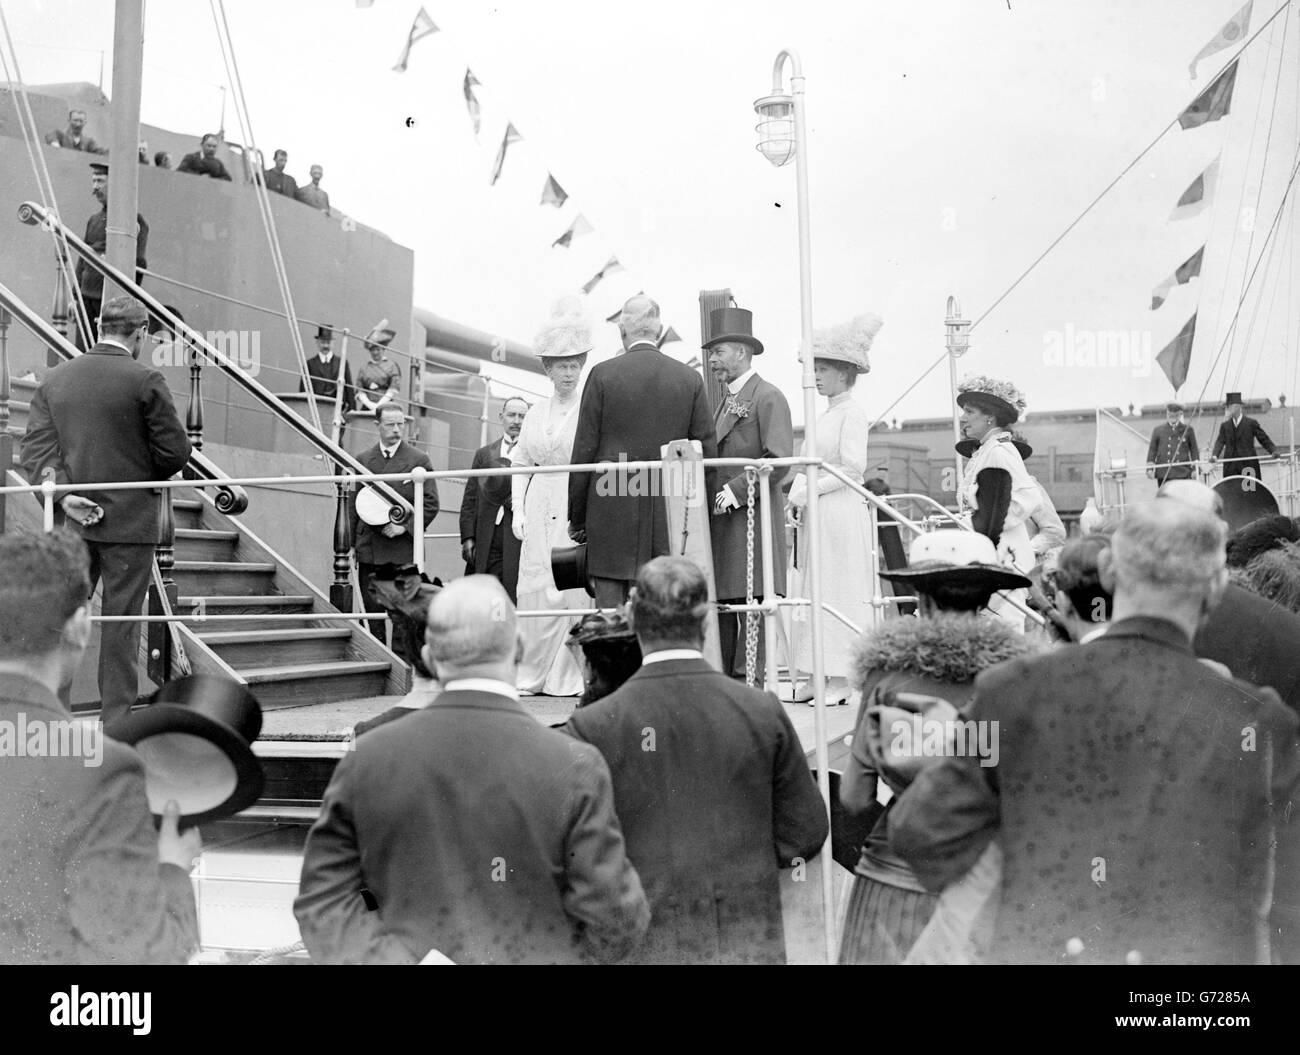 Le roi George V et la reine Mary avec la princesse Mary embarquèrent à bord du HMS Benbow, un cuirassé de la classe Iron Duke, lors de leur visite en Écosse, en 1914. Banque D'Images